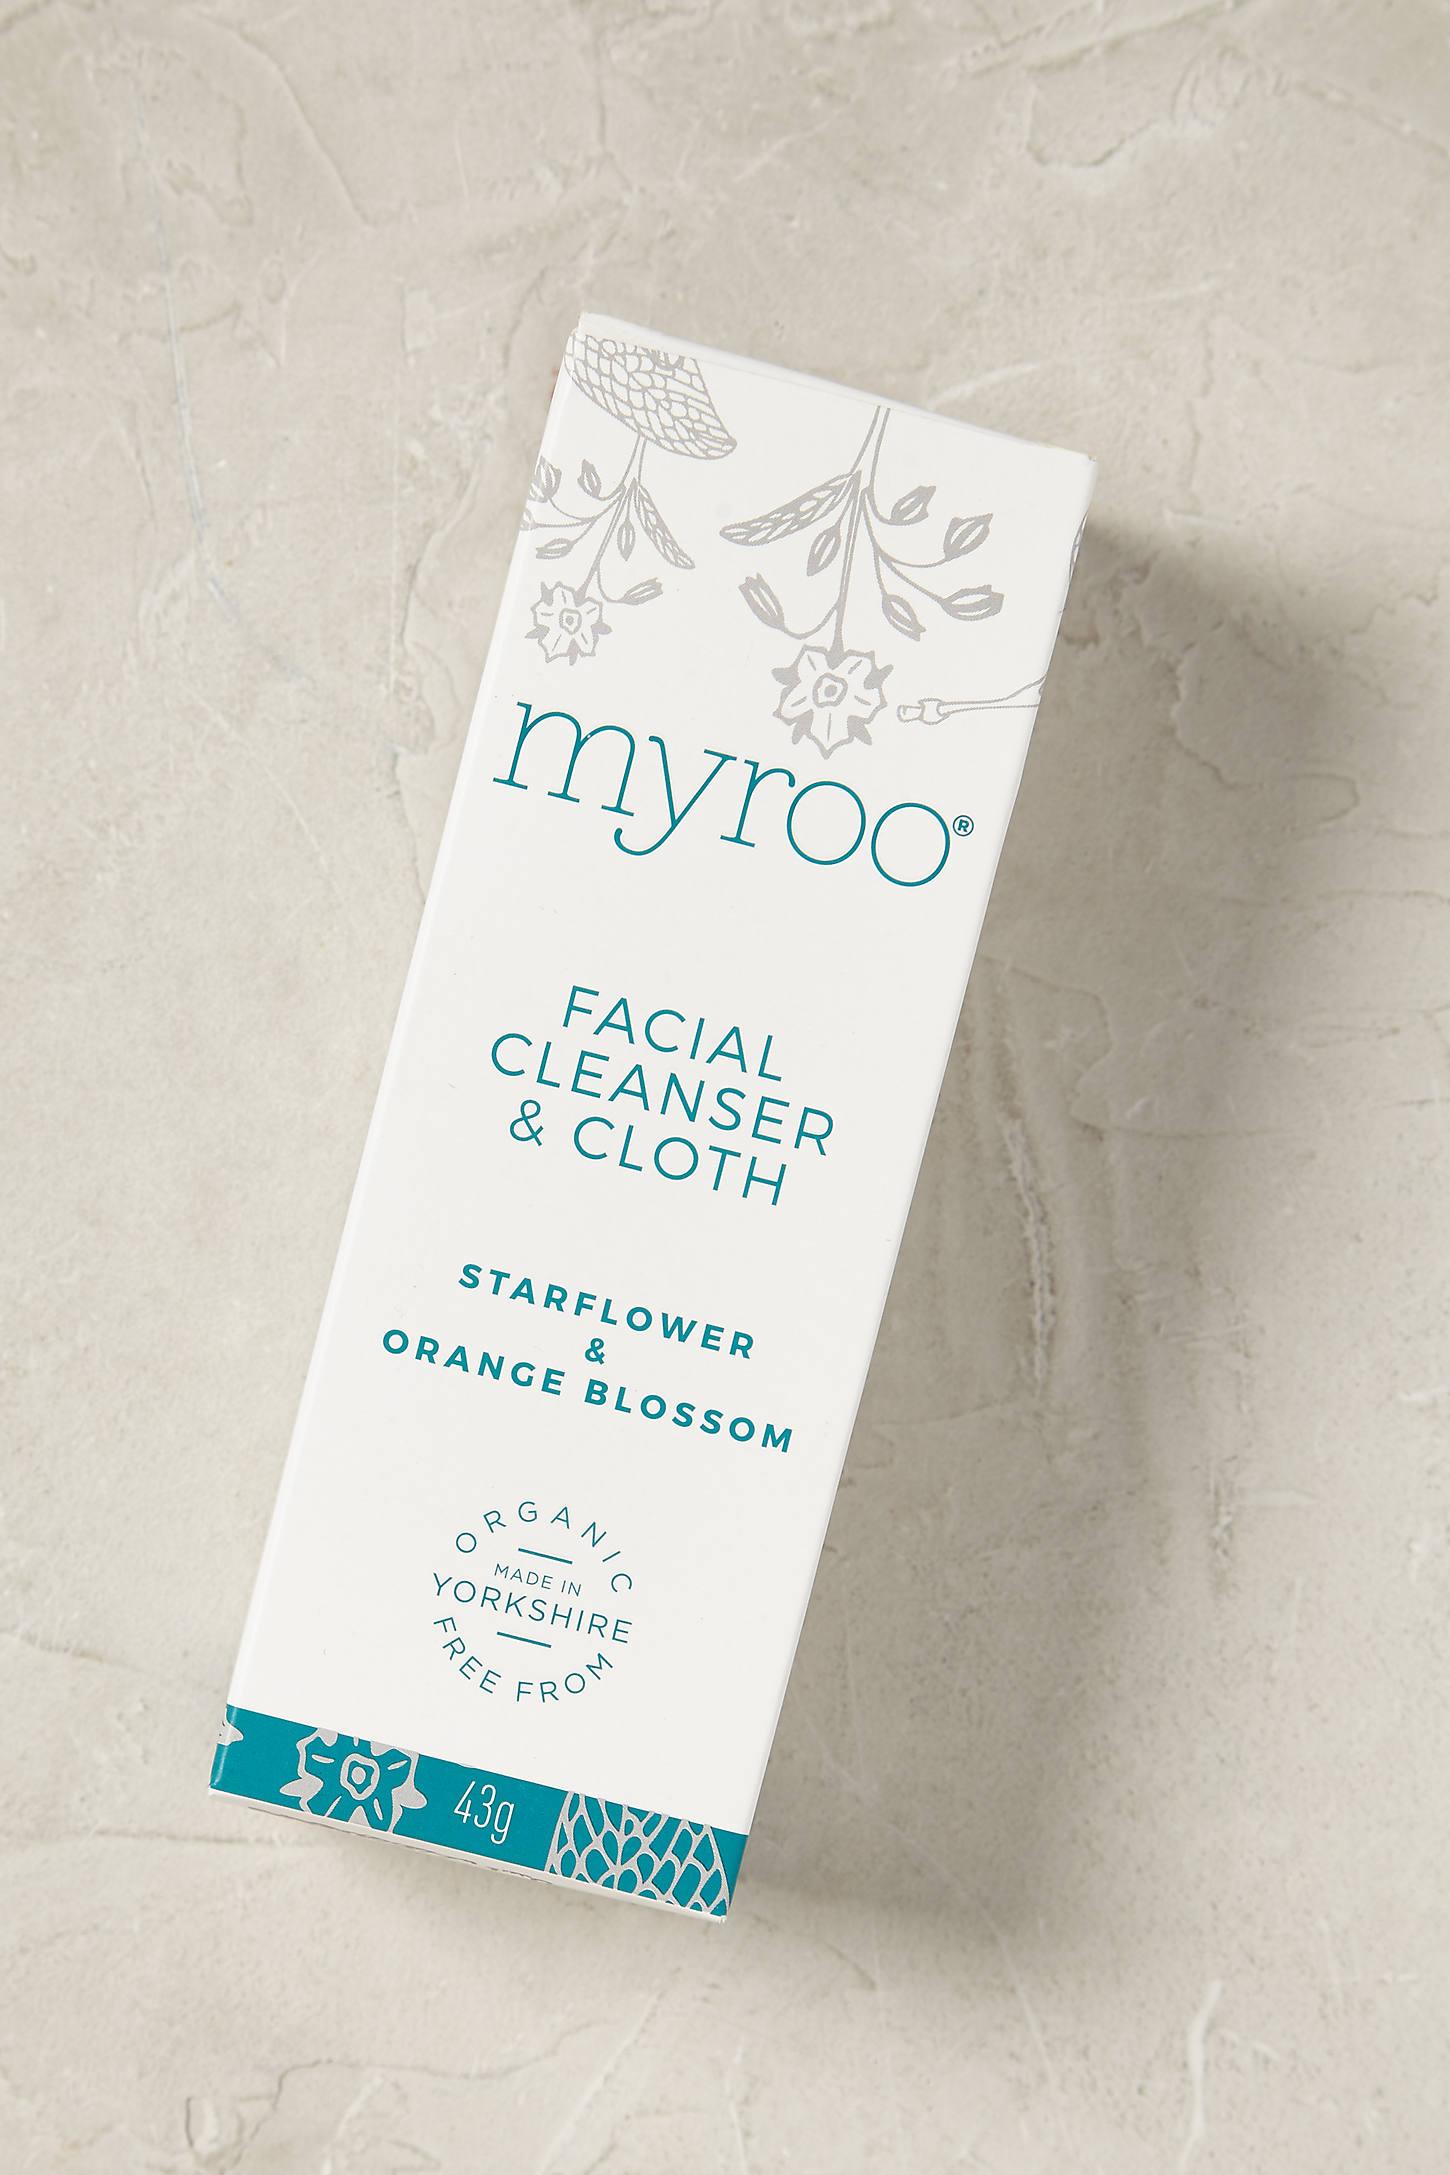 Myroo Facial Cleanser & Cloth